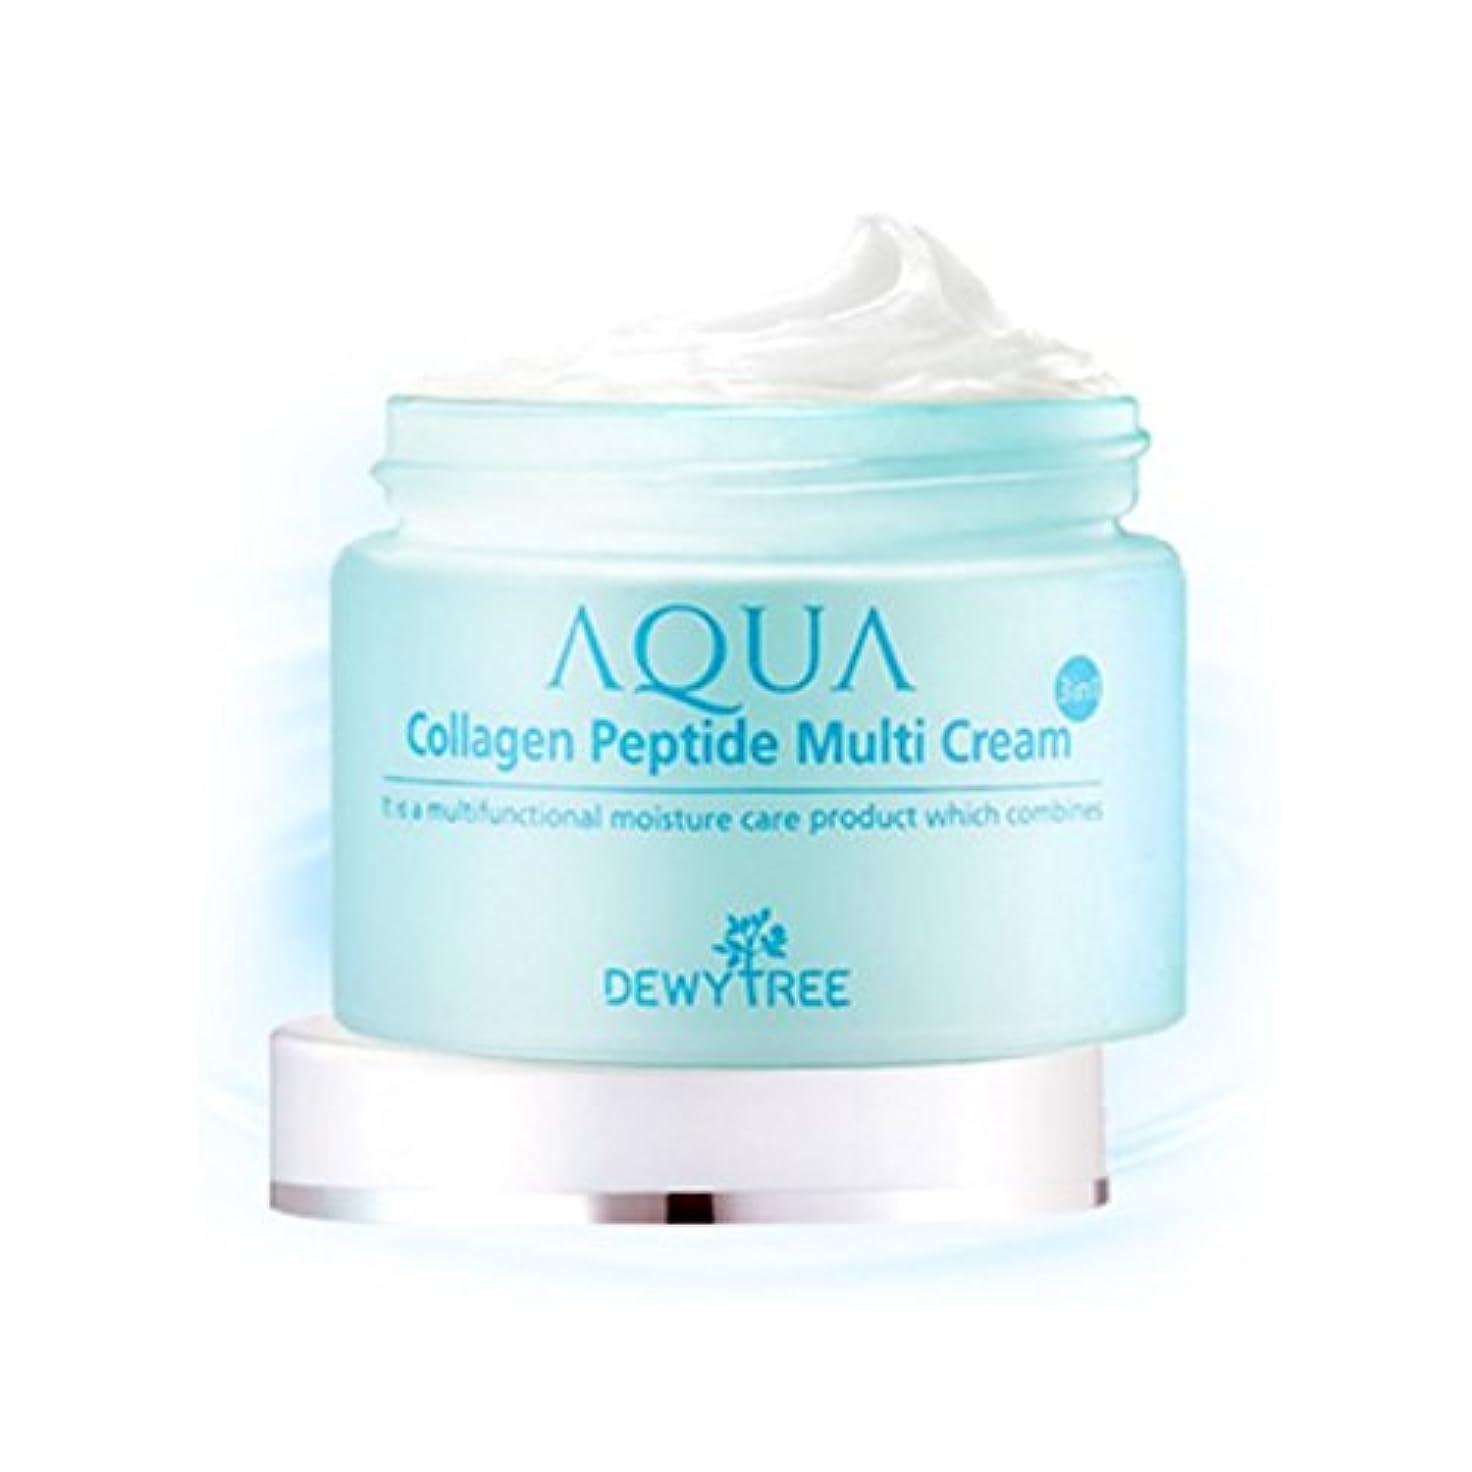 無礼に宣伝上下する[Dewytree] デュイトゥリー アクアコラーゲン ペプチド マルチクリーム Aqua Collagen Peptide Multi Cream (50ml) / [並行輸入品]